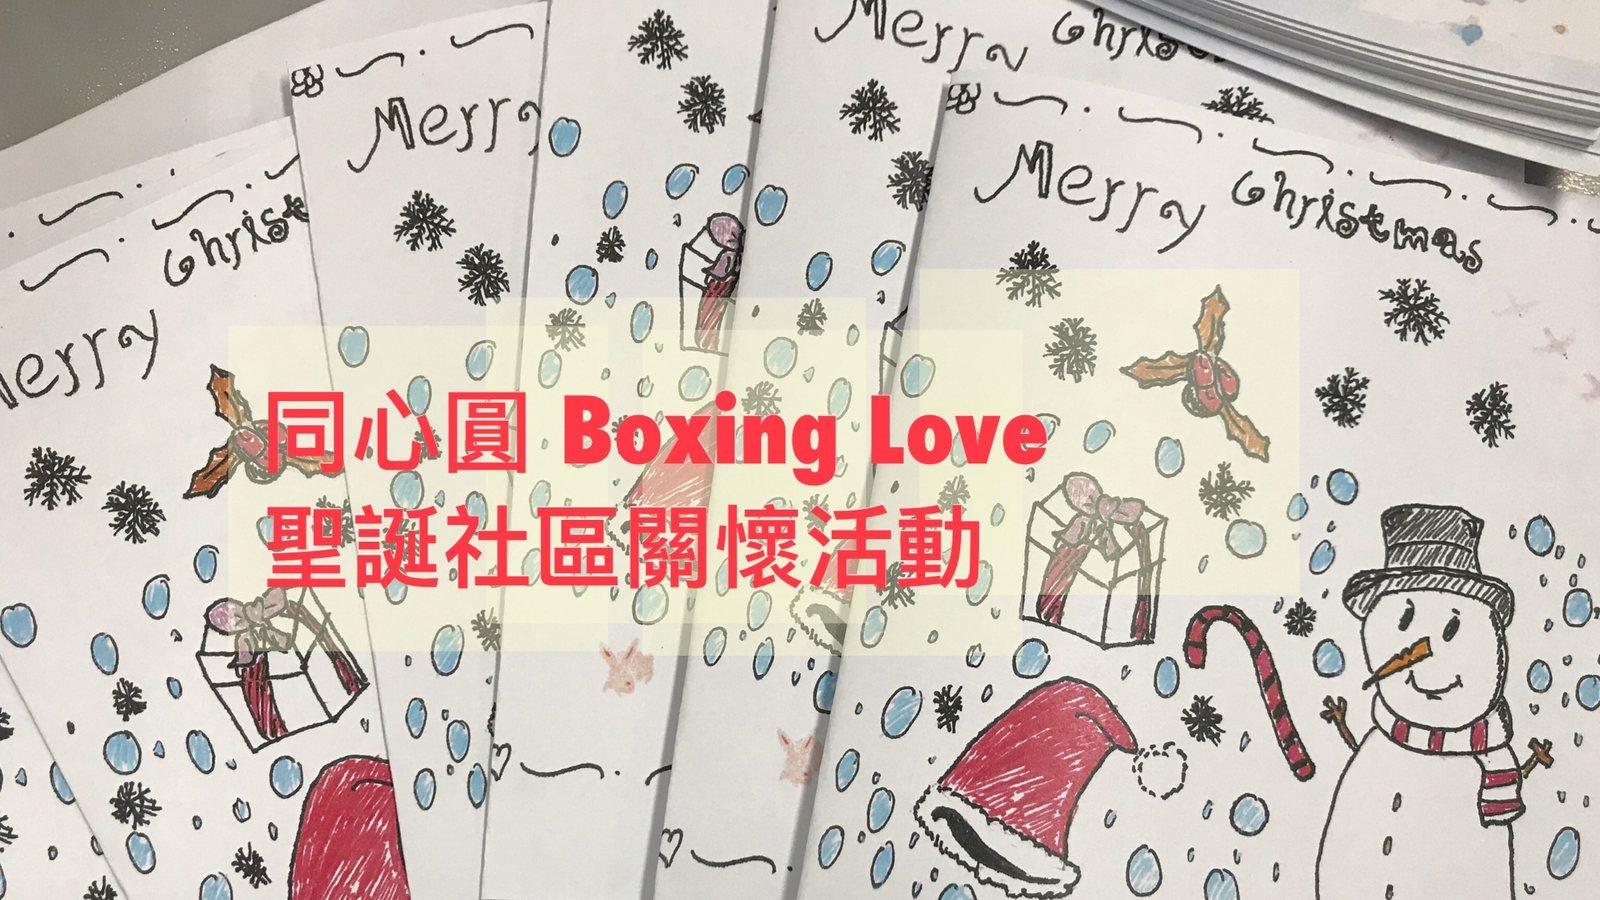 同心圓BOXING LOVE聖誕社區關懷活動